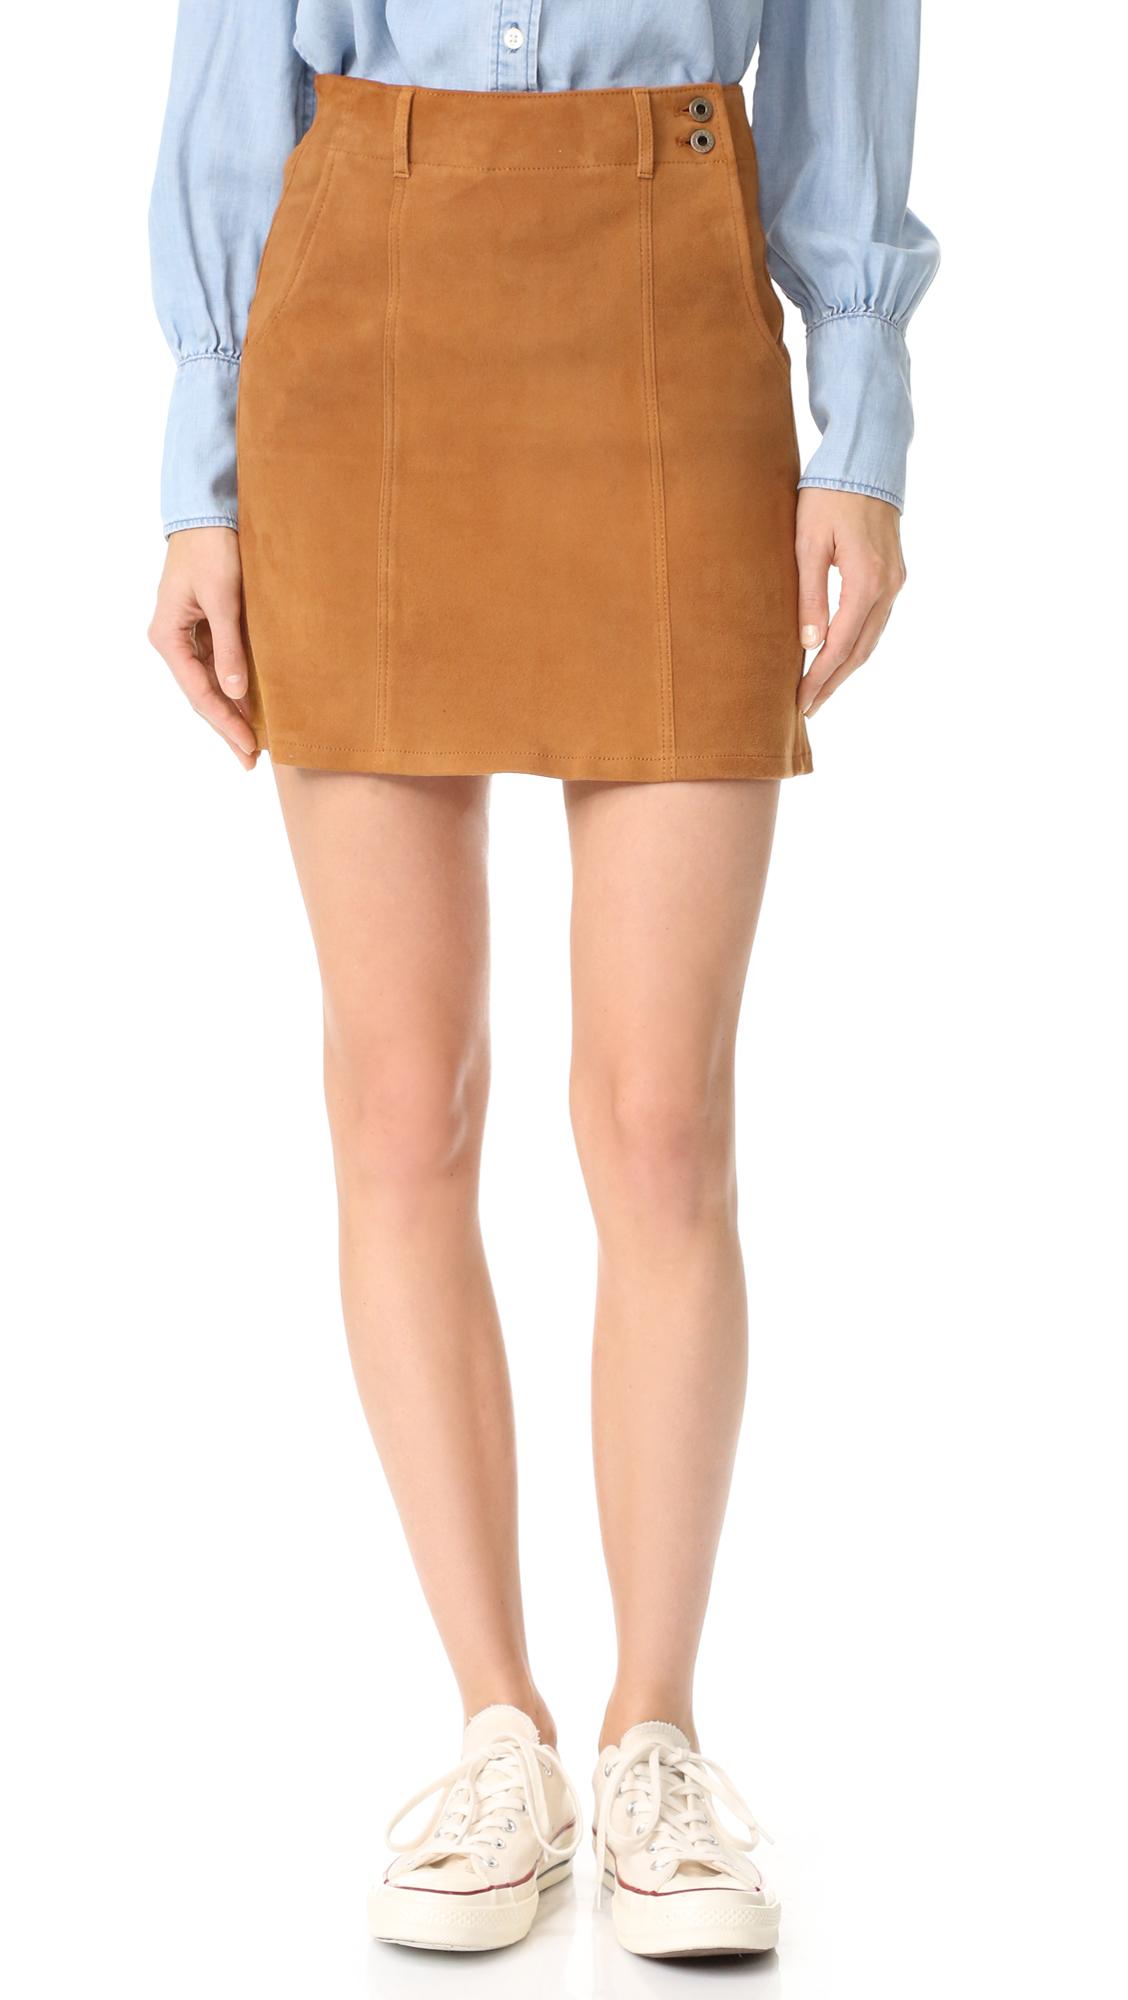 Ag The Juliette Skirt - Hazelnut at Shopbop